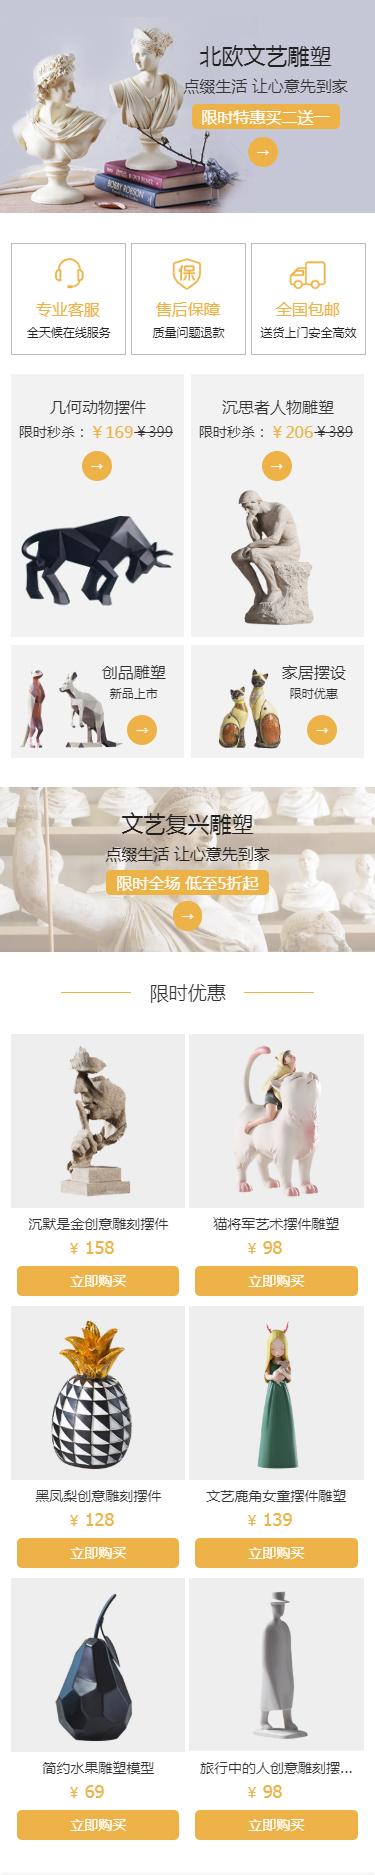 陶派雕塑小程序商城模板